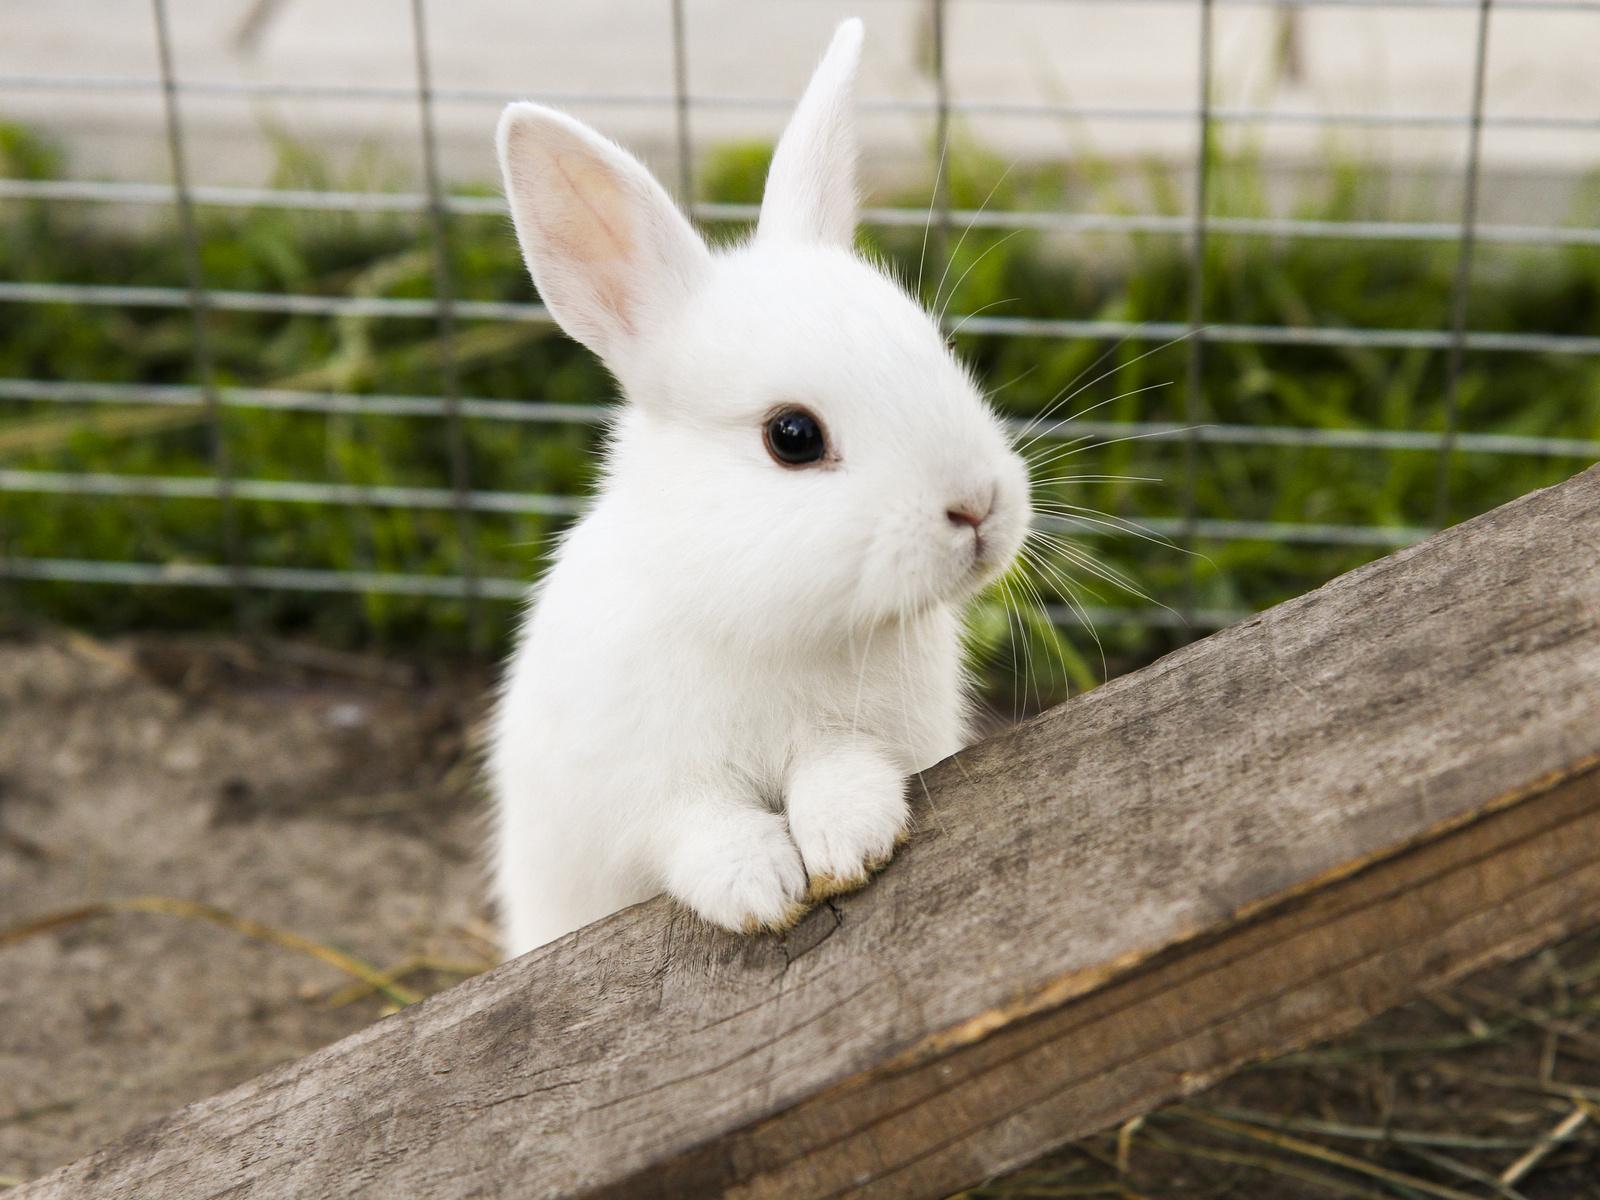 Hình ảnh chú thỏ trắng lông mao xinh đẹp